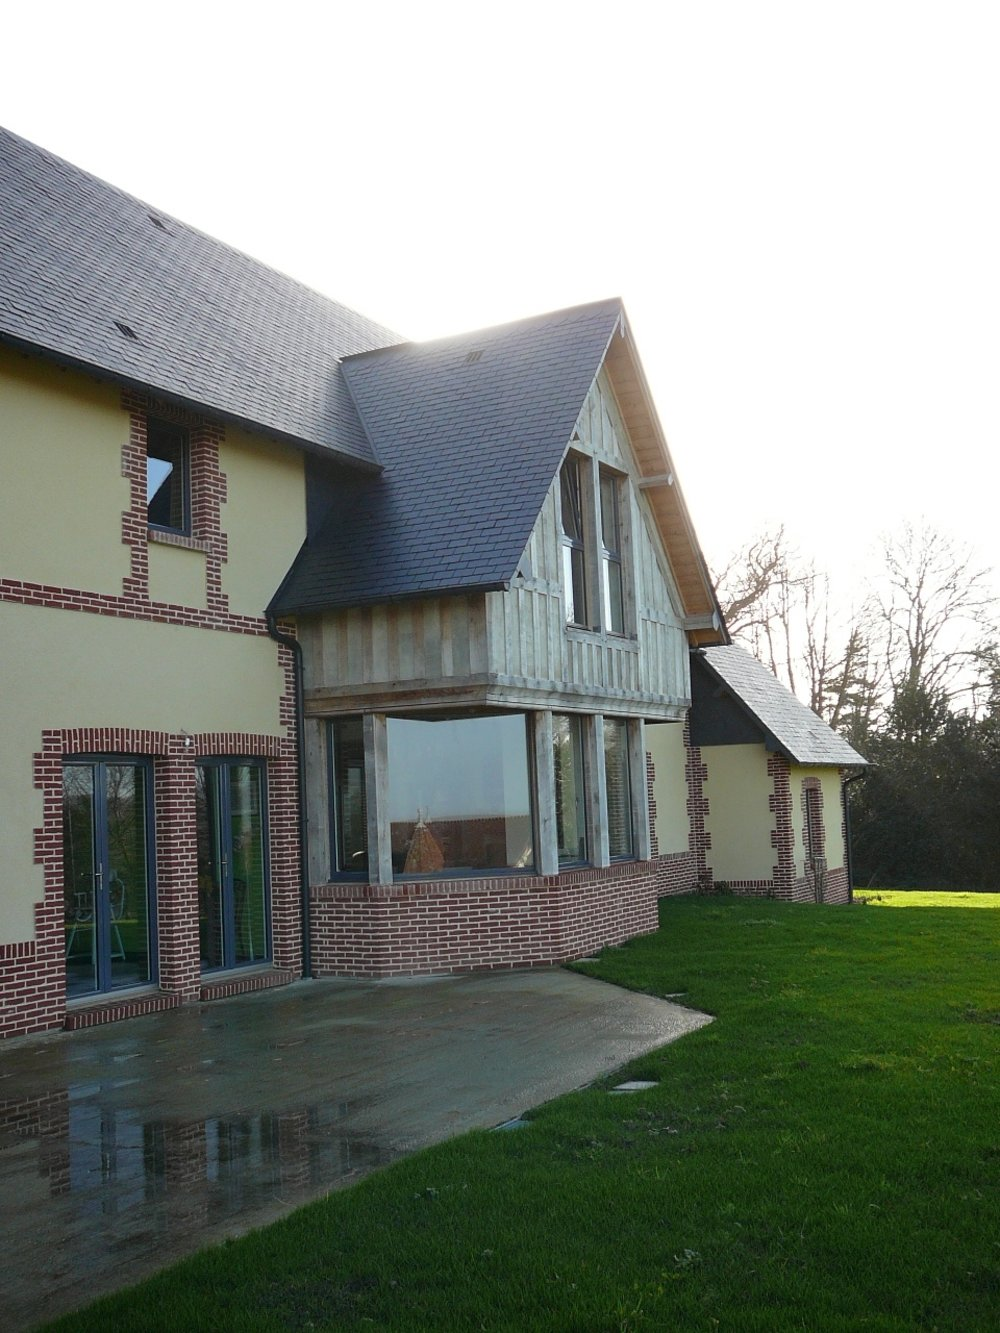 Maison+neuve+bois+brique+Equemauville+%281%29.jpg++.jpg